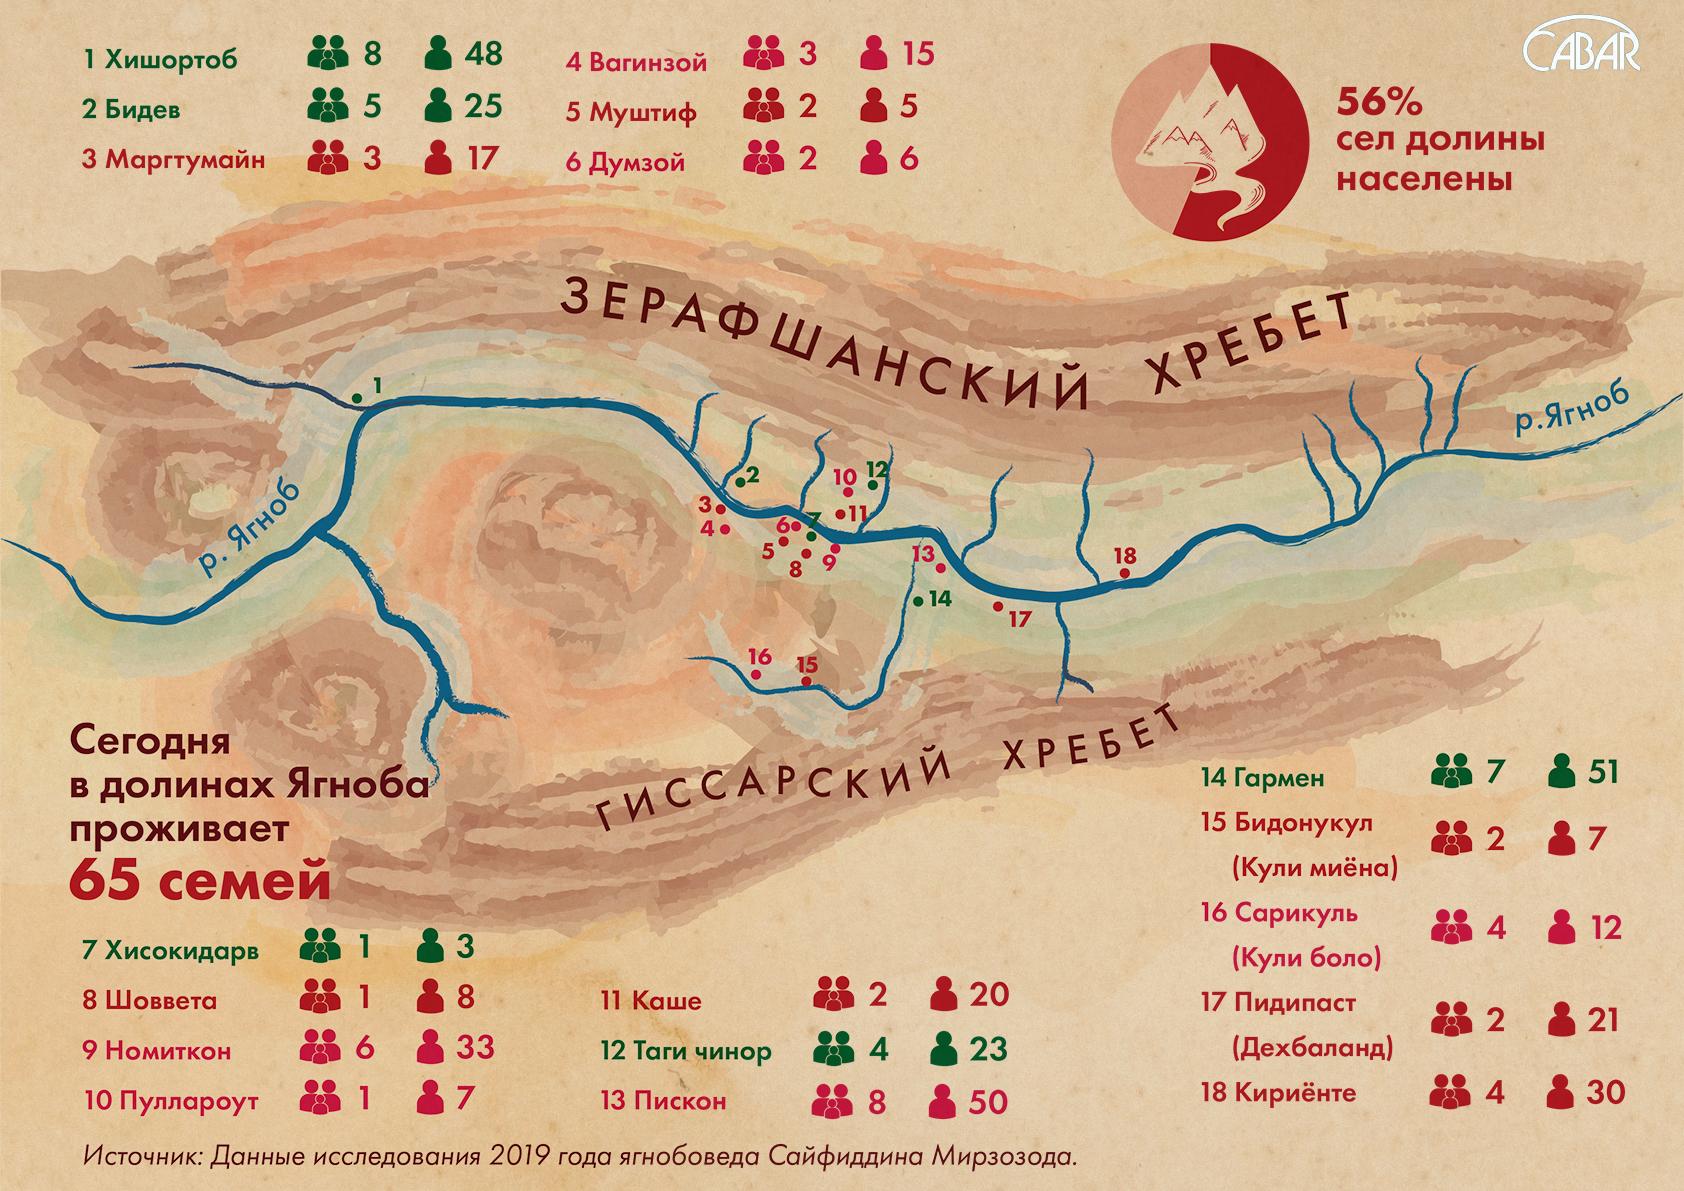 Карта населенных сел долины Ягноб: Изготовлена по заказу CABAR.asia на основе данных Сайфиддина Мирзозода